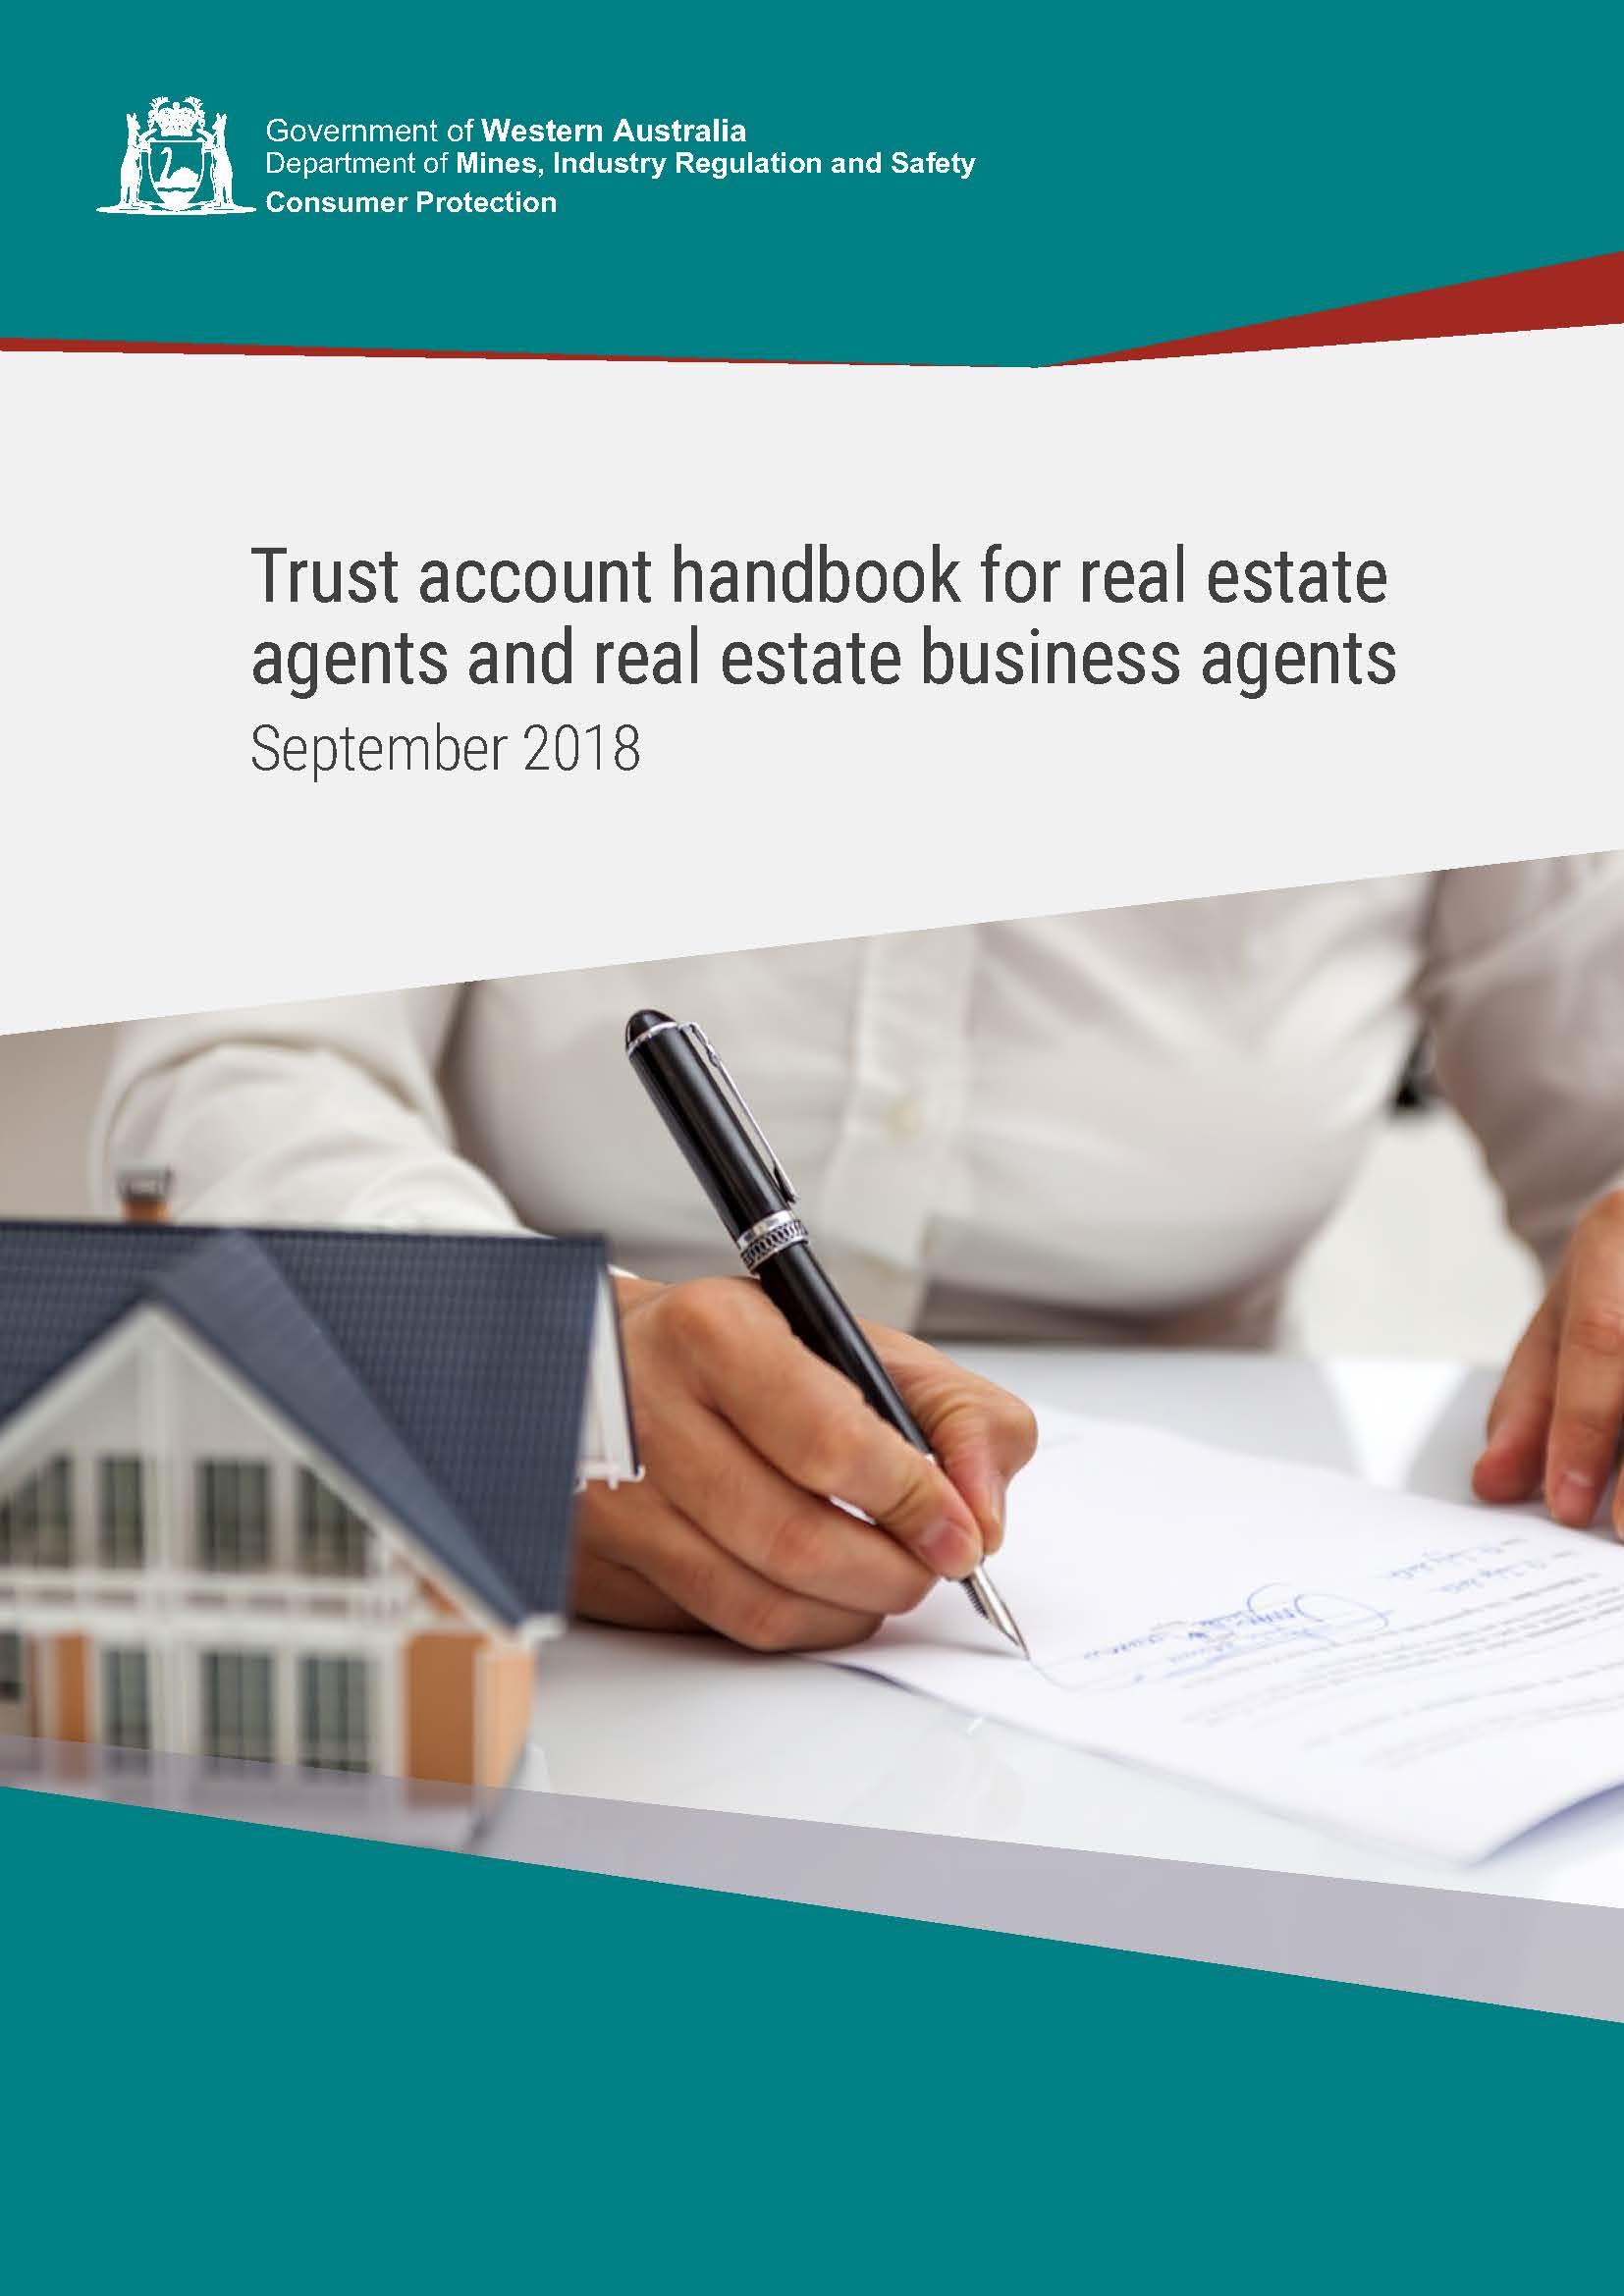 realestatebusinessagentstrustaccounthandbook_1_Page_01.jpg